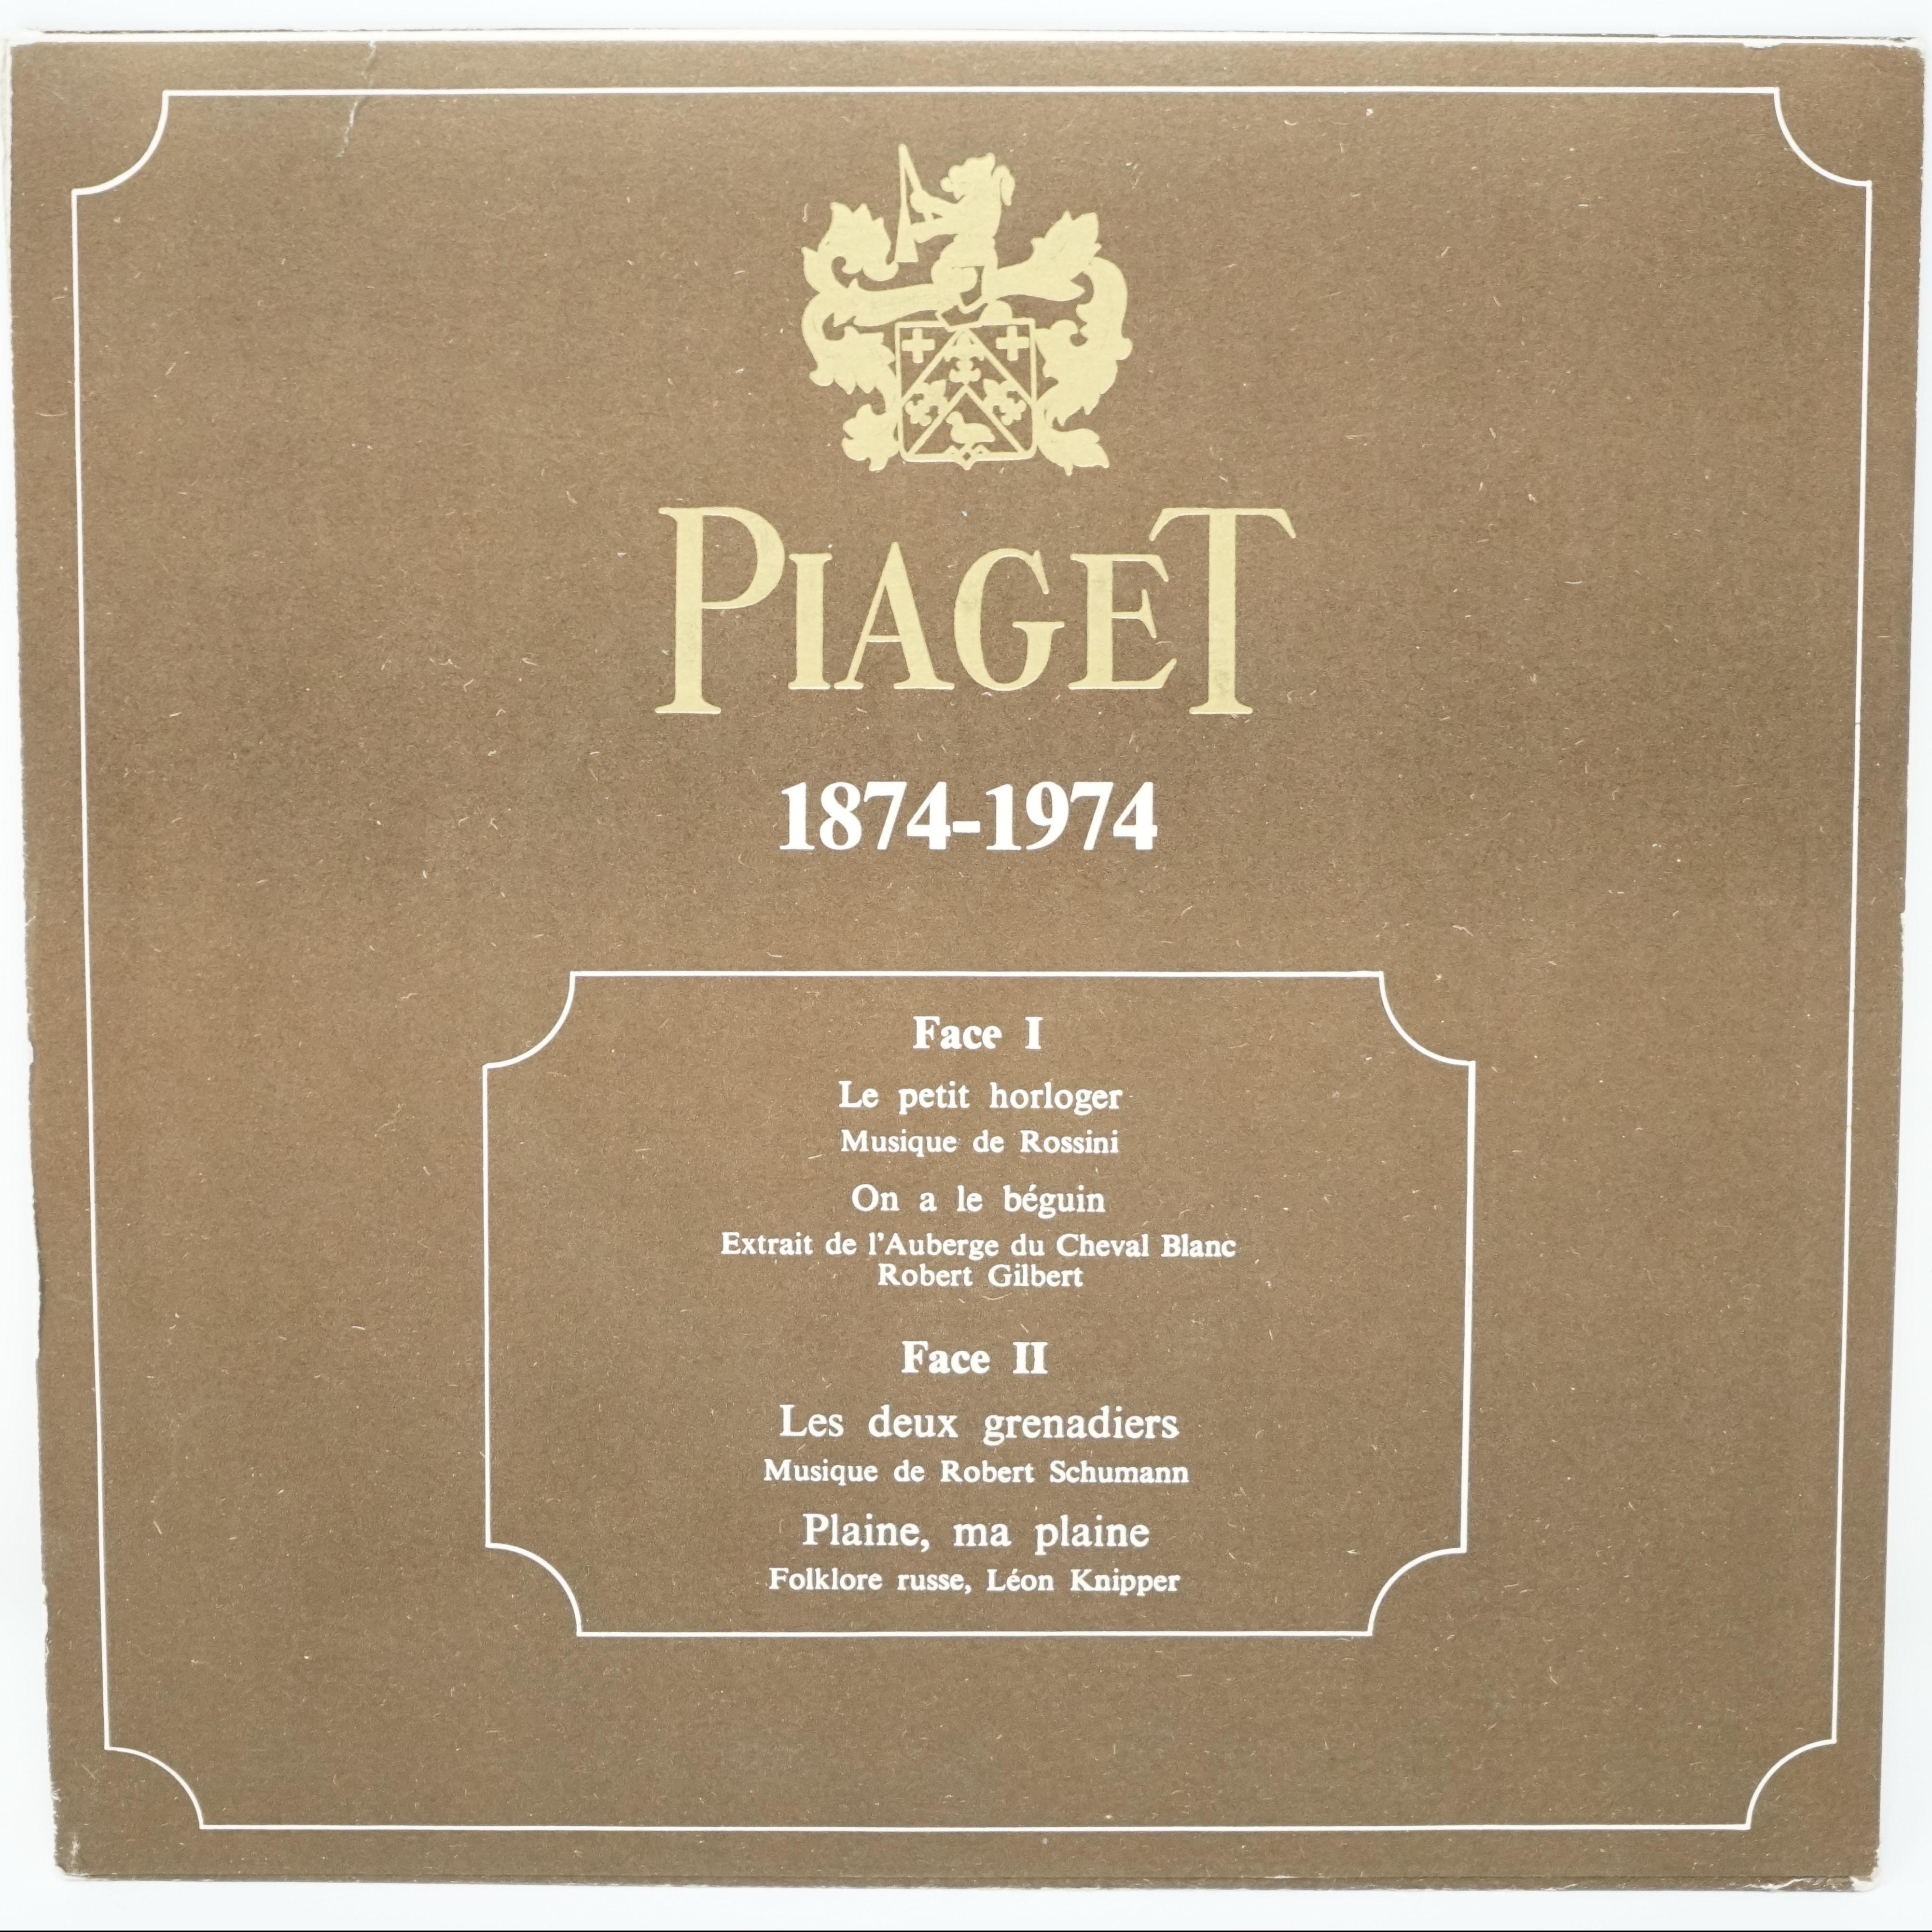 Disque Vinyle Commémoratif Piaget